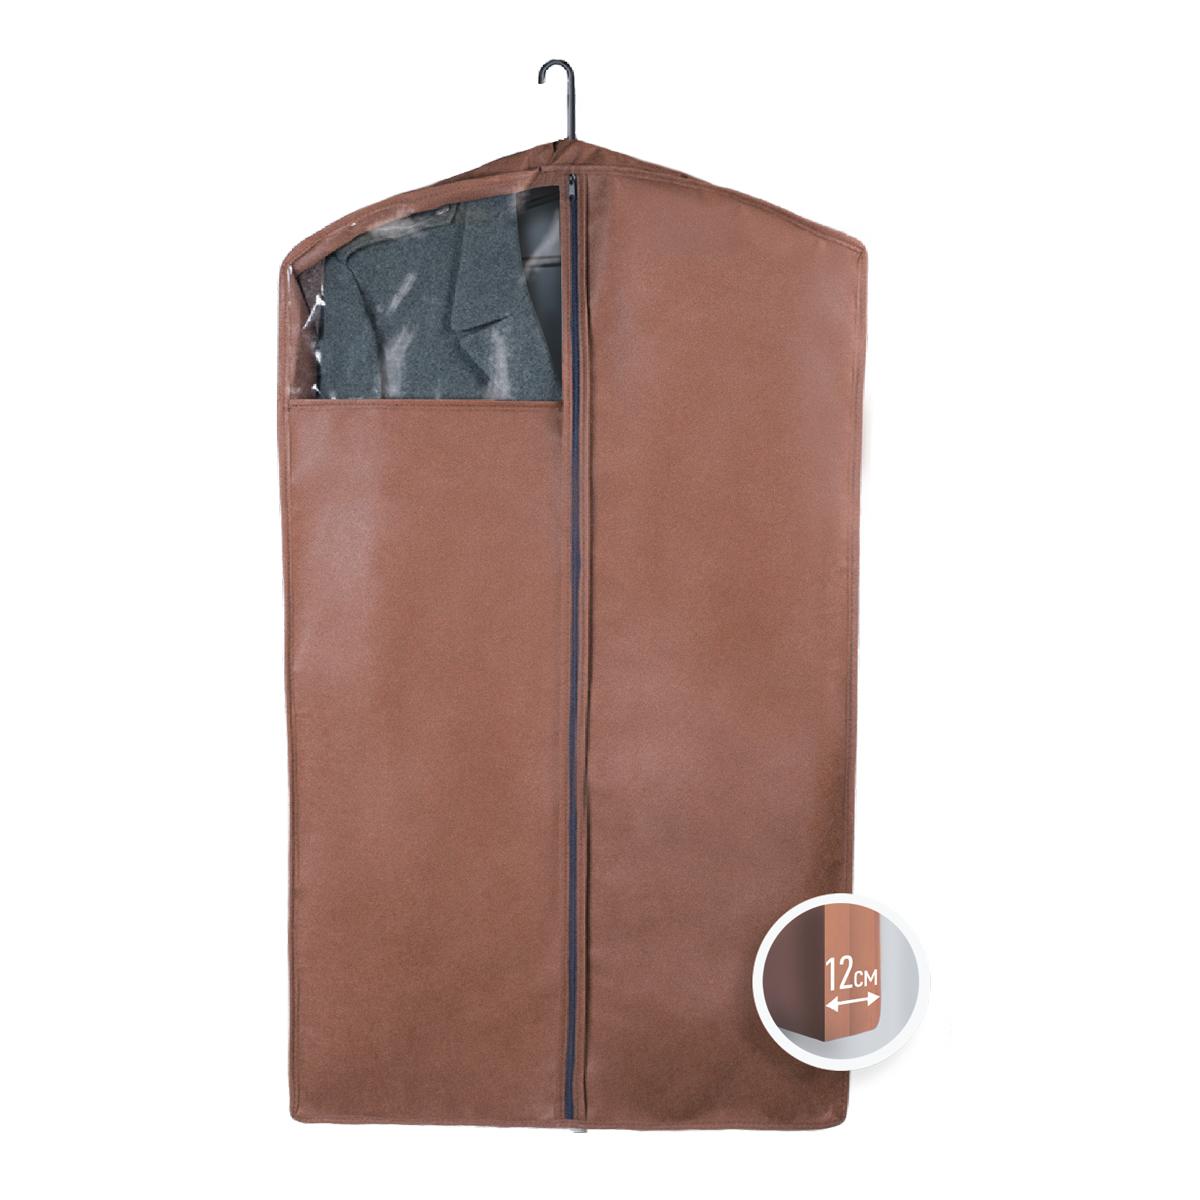 Чехол для верхней одежды Miolla, с окошком, цвет: коричневый, 100 х 60 х 12 смCHL-3-3Чехол для верхней одежды Miolla на застежке-молнии выполнен из высококачественного нетканого материала. Прозрачное полиэтиленовое окошко позволяет видеть содержимое чехла. Подходит для длительного хранения вещей. Чехол обеспечивает вашей одежде надежную защиту от влажности, повреждений и грязи при транспортировке, от запыления при хранении и проникновения моли. Чехол обладает водоотталкивающими свойствами, а также позволяет воздуху свободно поступать внутрь вещей, обеспечивая их кондиционирование. Это особенно важно при хранении кожаных и меховых изделий. Размер чехла: 100 х 60 х 12 см.